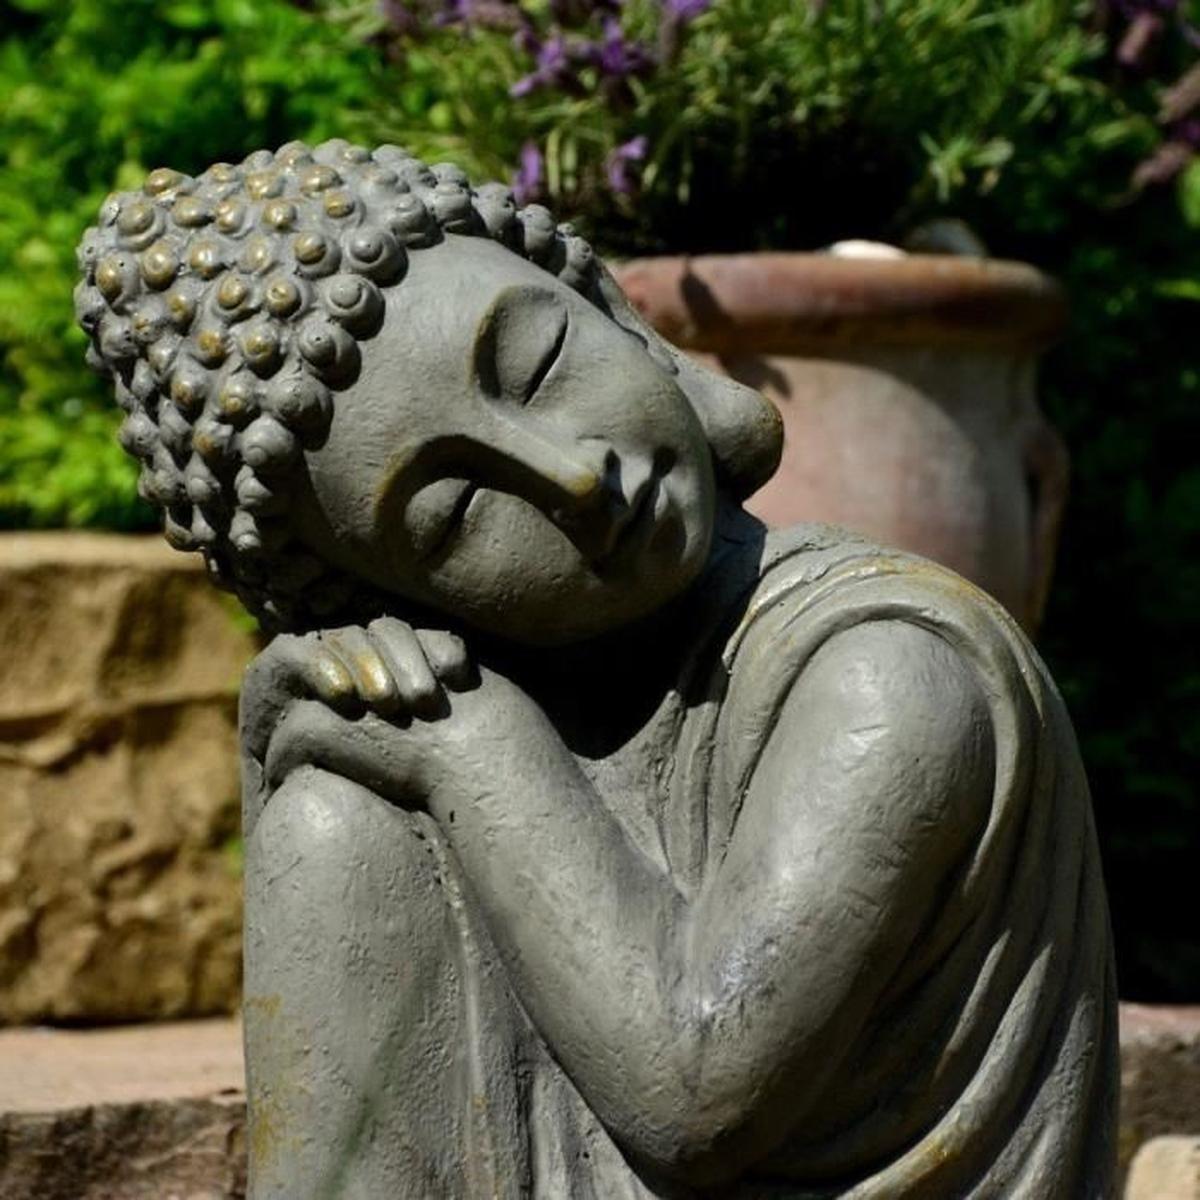 Statue Bouddha Jardin Décoration Zen 43 Cm destiné Statue Bouddha Exterieur Pour Jardin